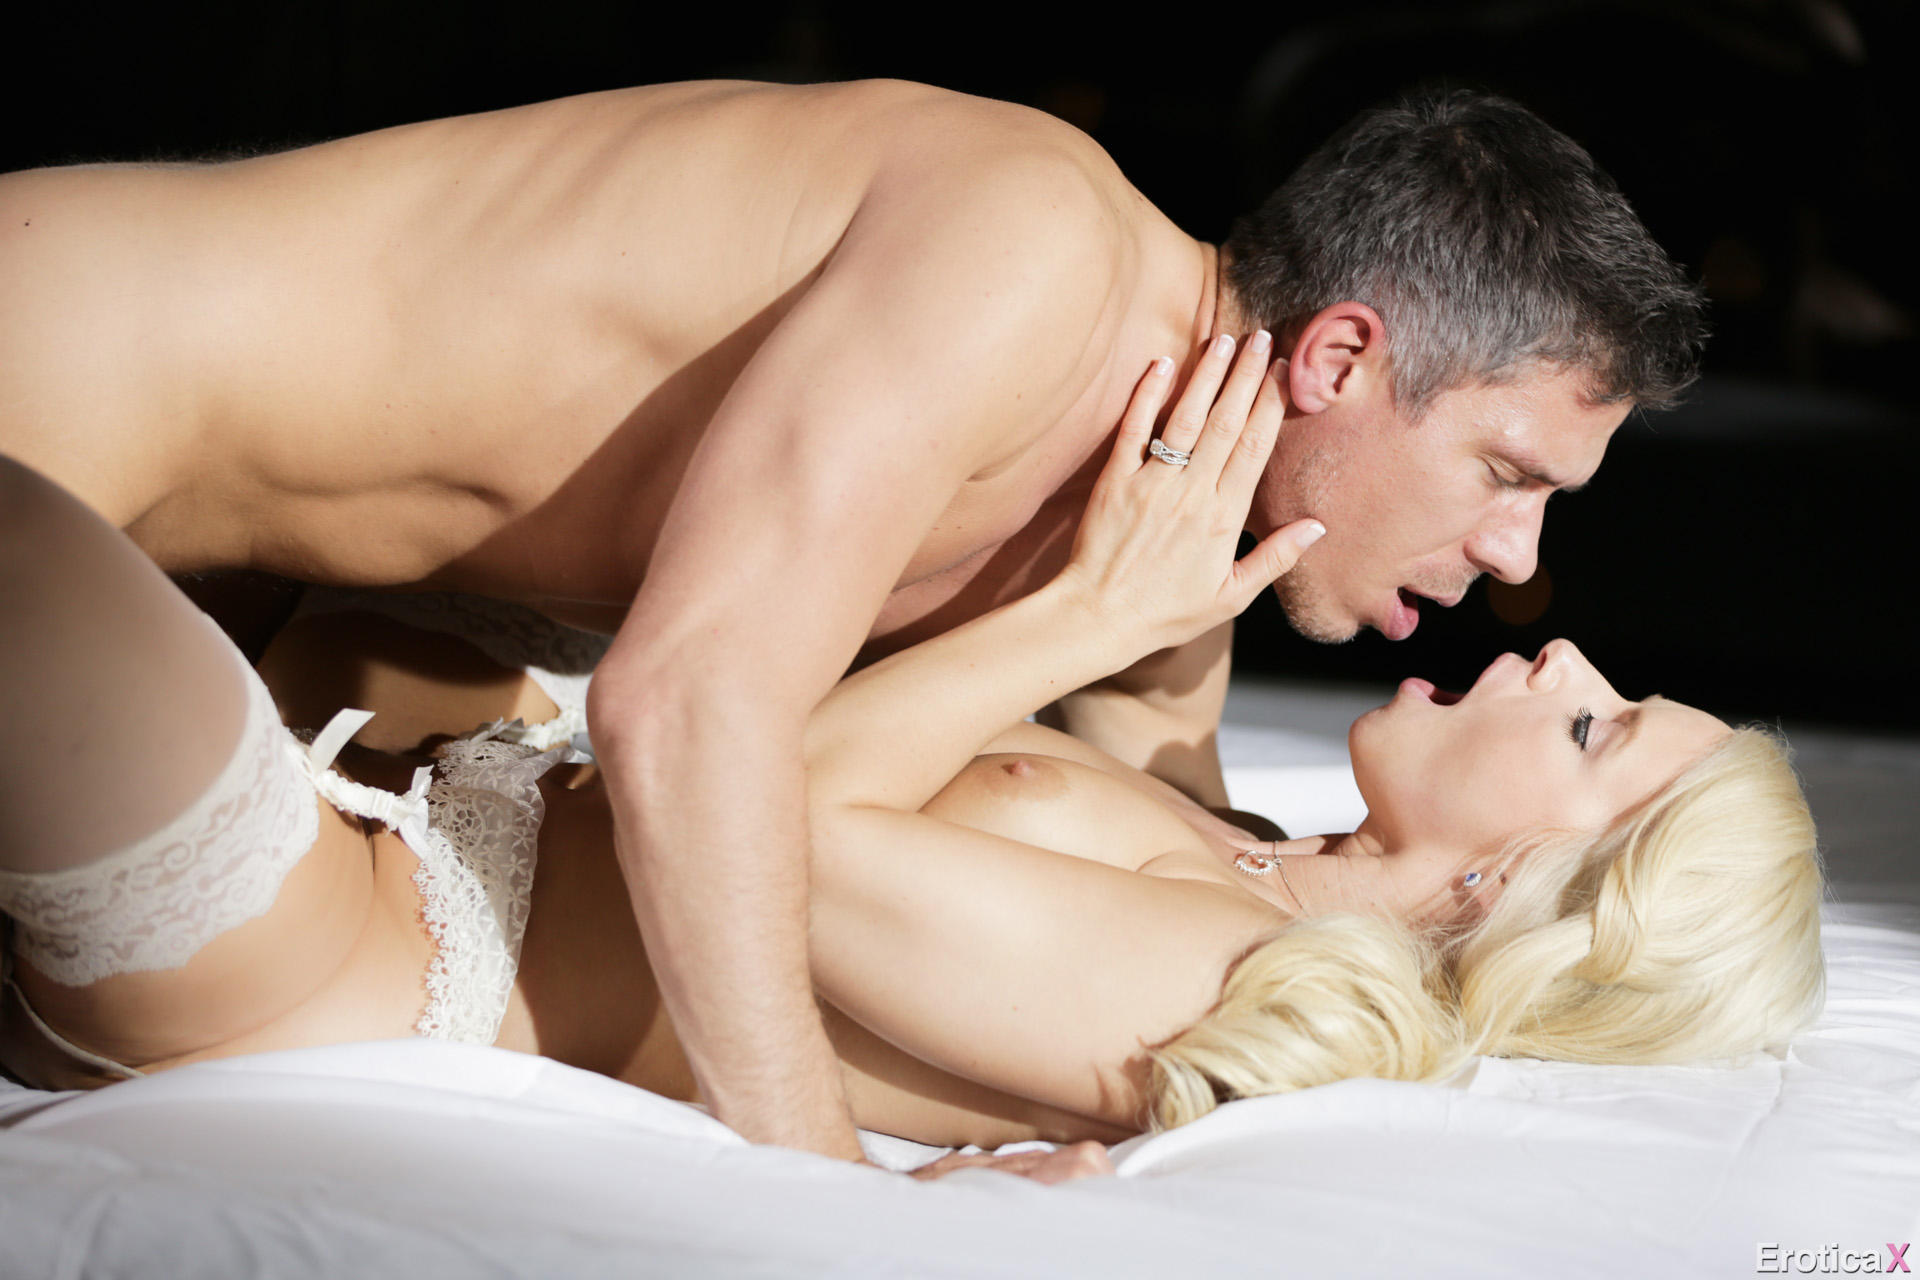 Любовницы возбуждают мужчин и проводят с ними ночь порно фото бесплатно